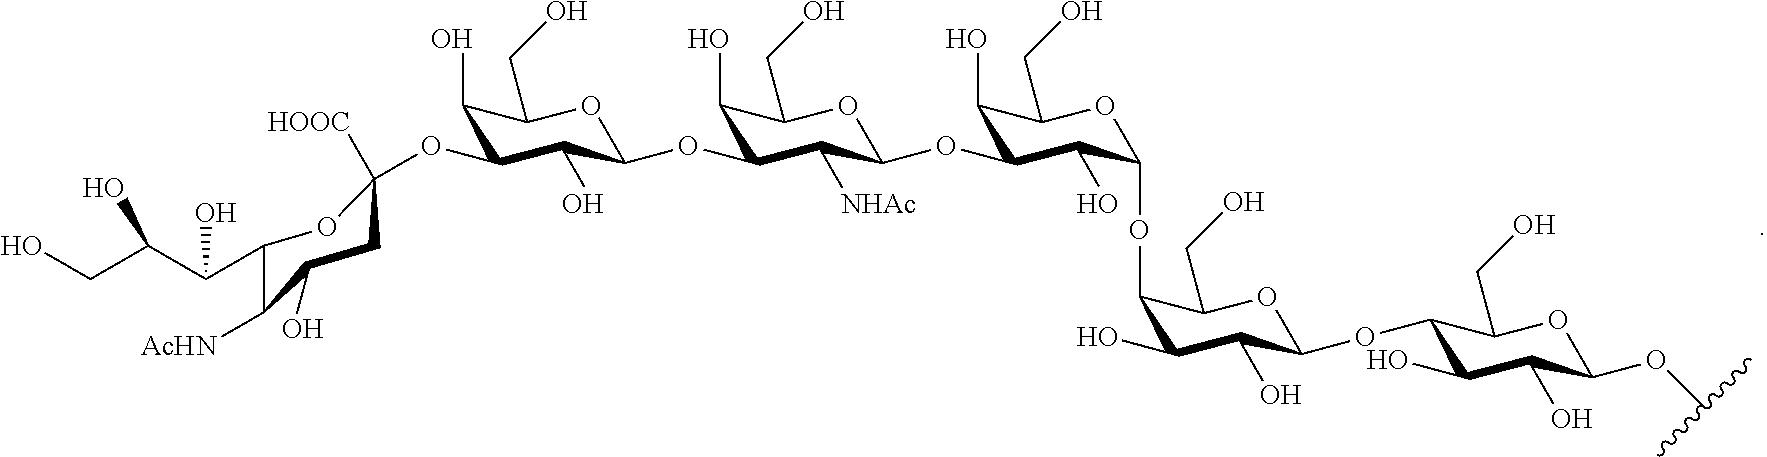 Figure US10342858-20190709-C00011